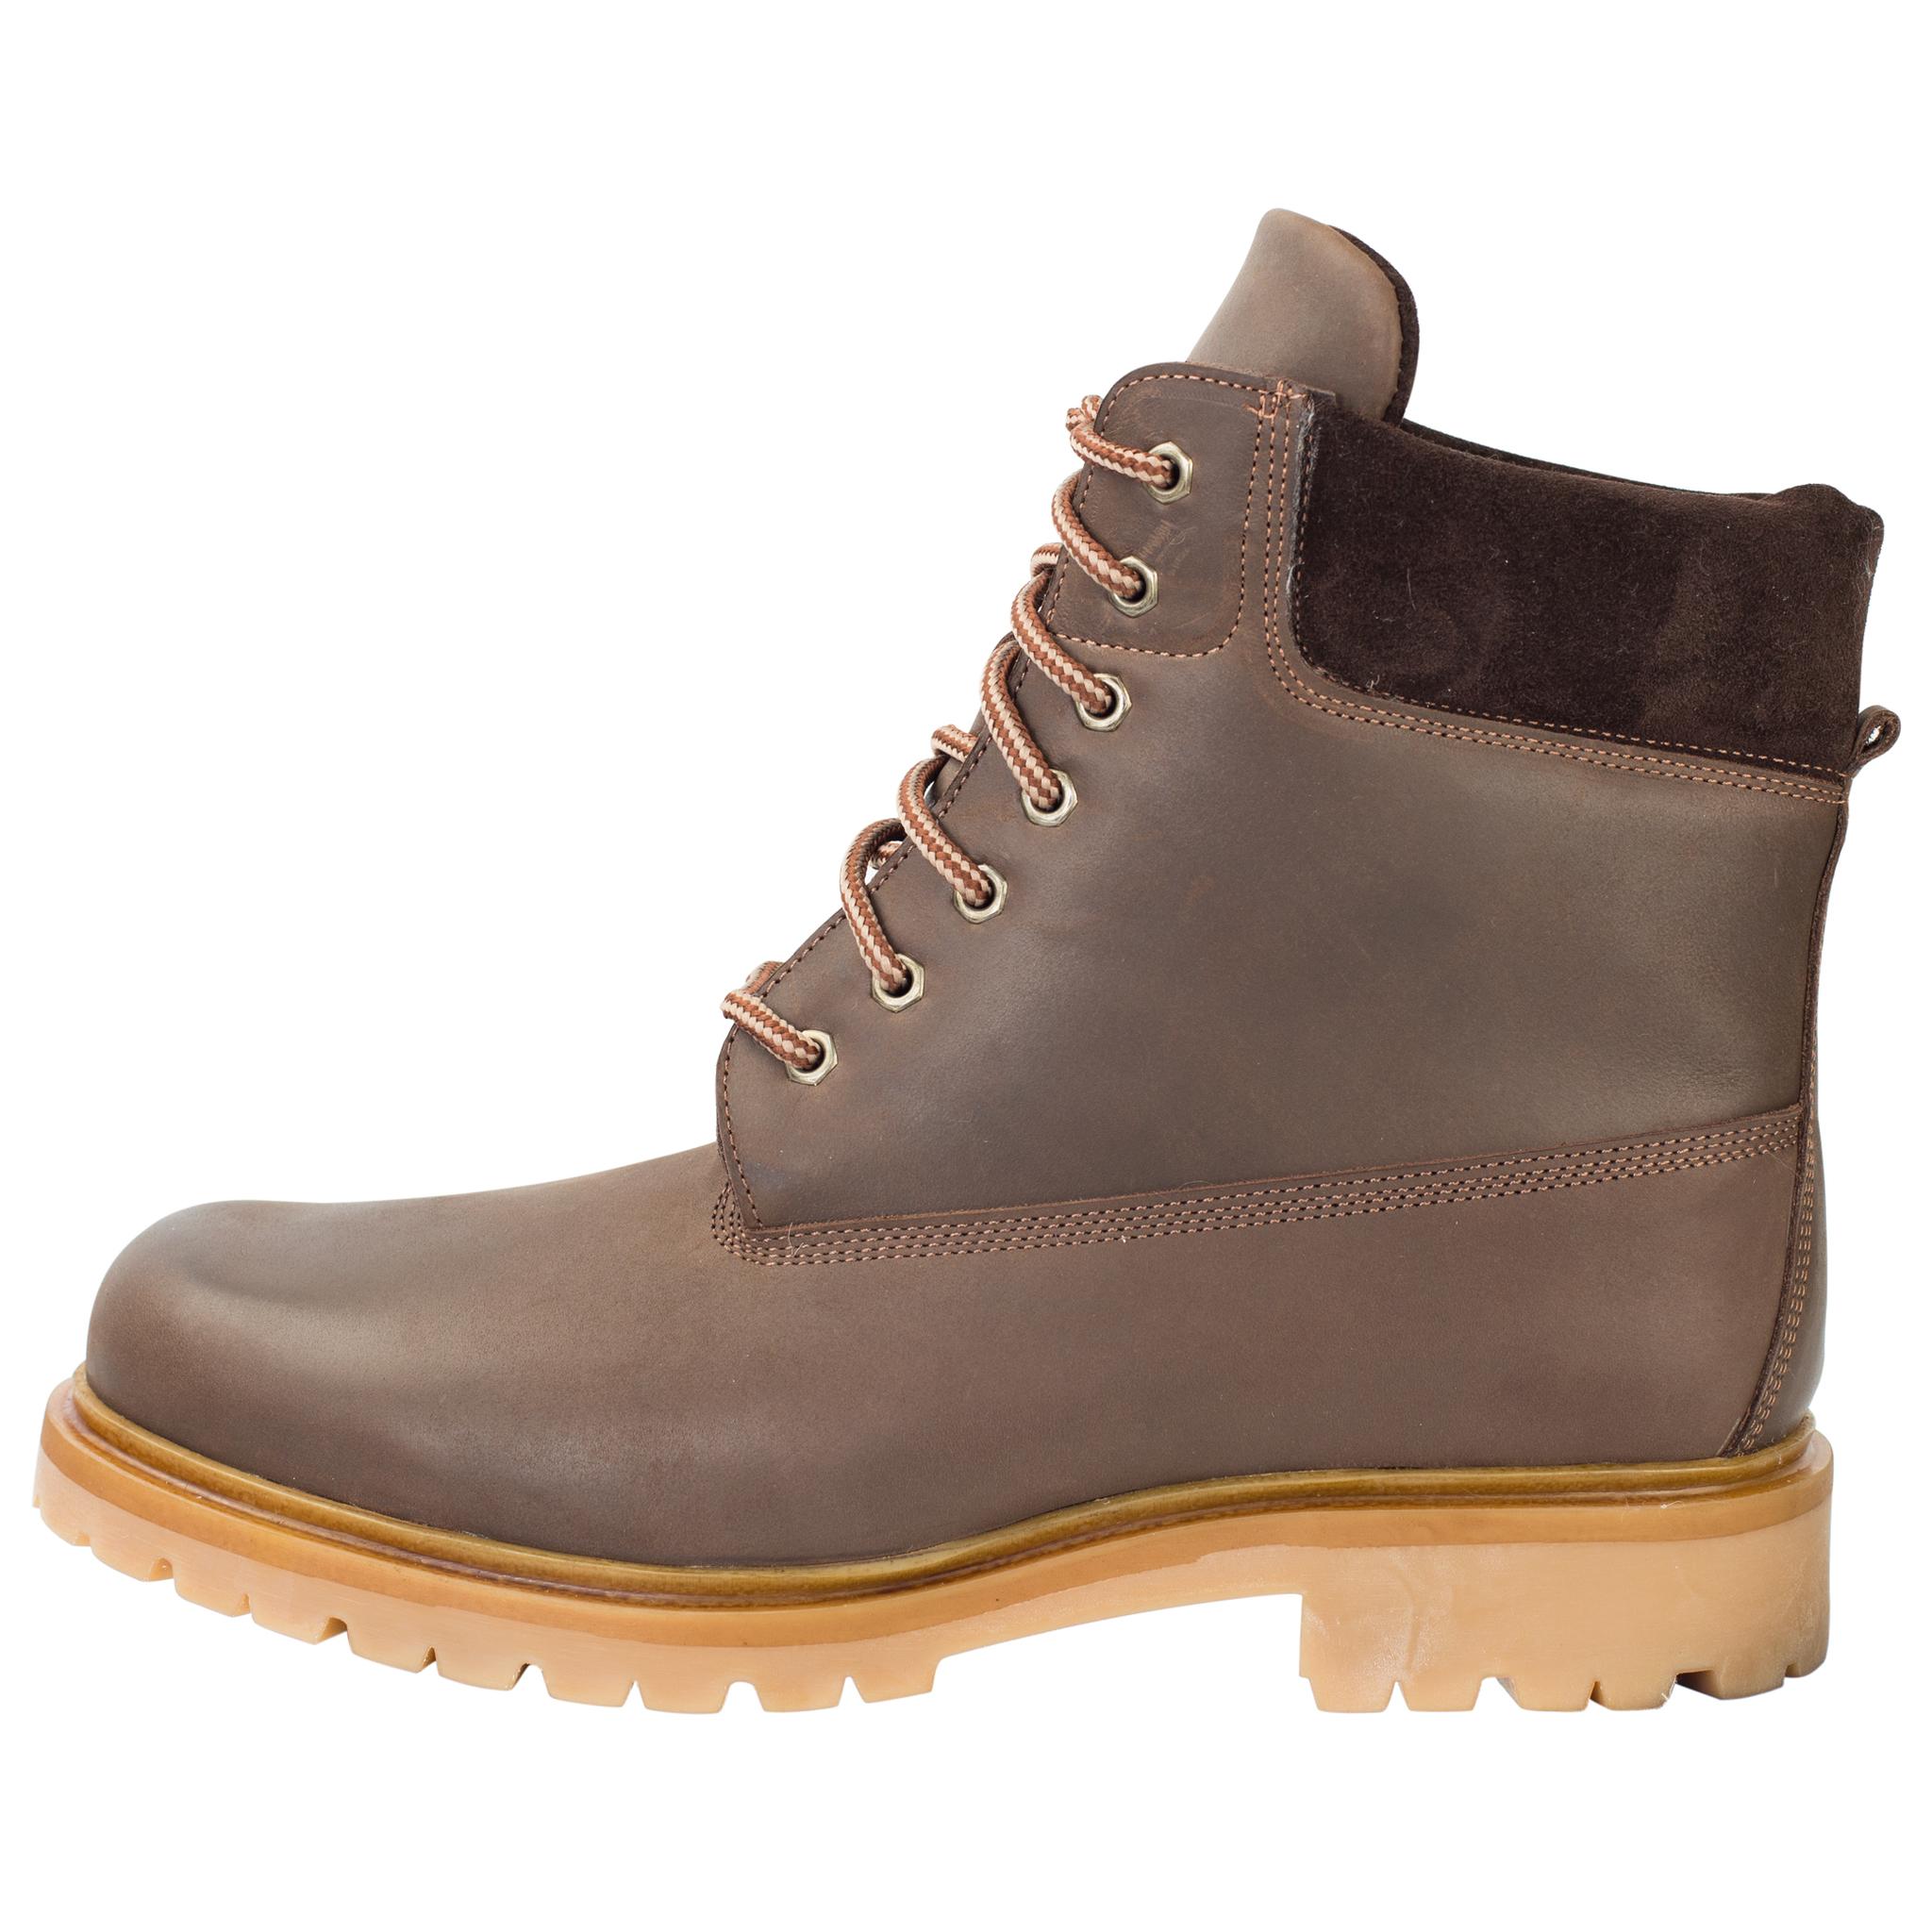 496478 ботинки мужские коричневые нубук больших размеров марки Делфино